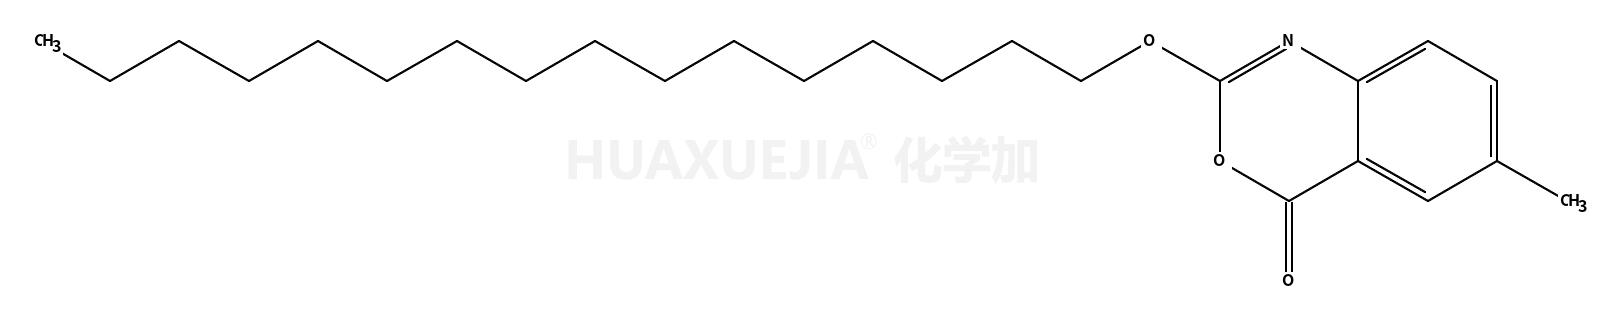 2-十六烷基氧代-6-甲基-4H-3,1-苯并恶嗪-4-酮